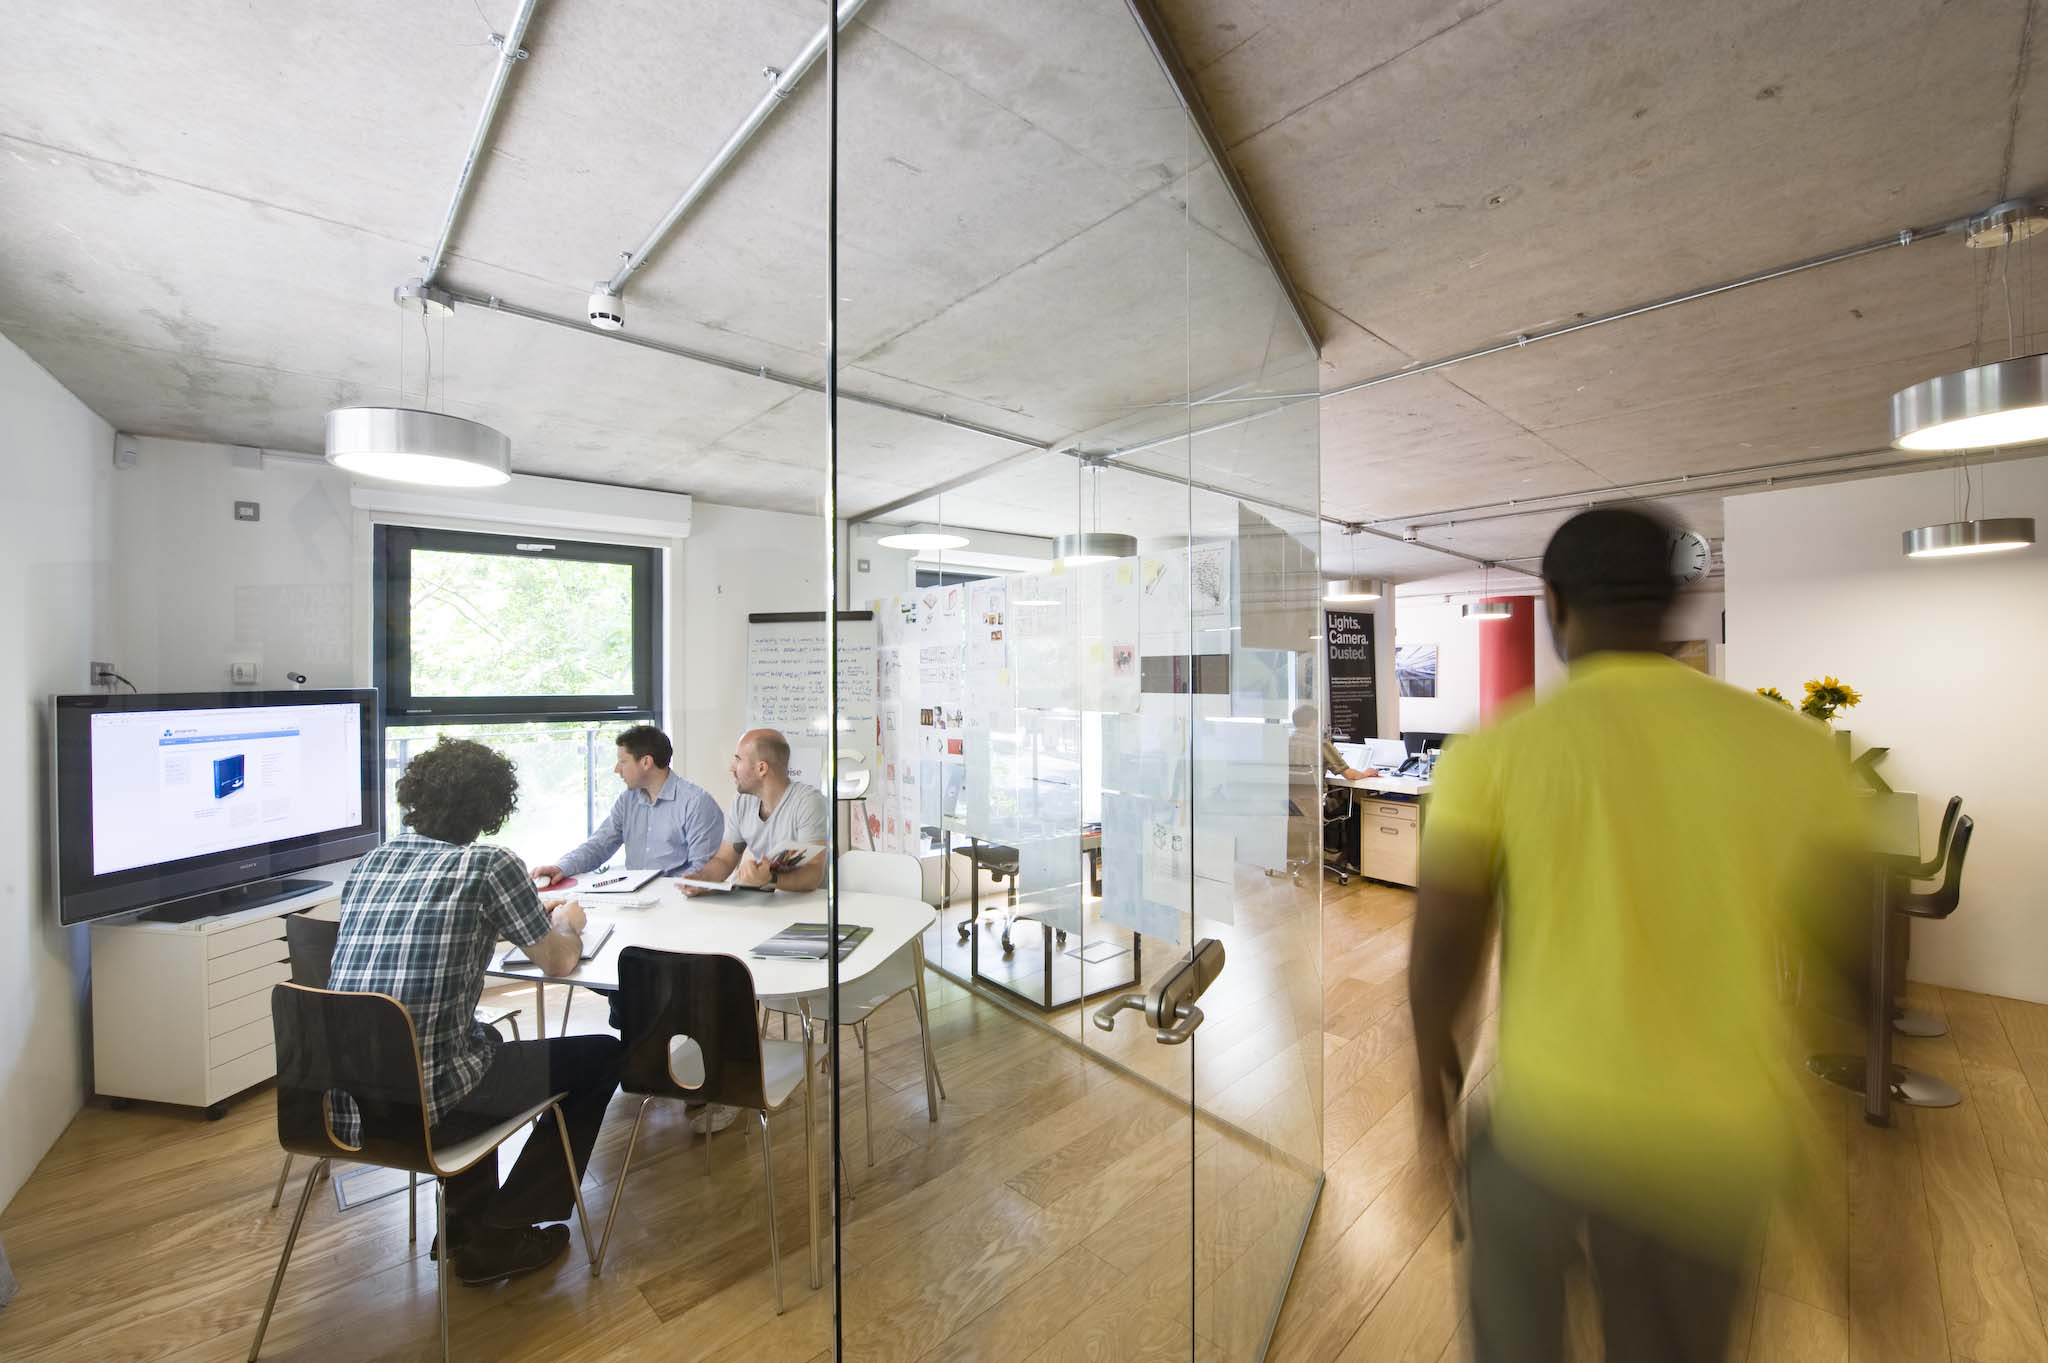 Hoe stel je de kenniswerker centraal in het ontwerp van een kantoor